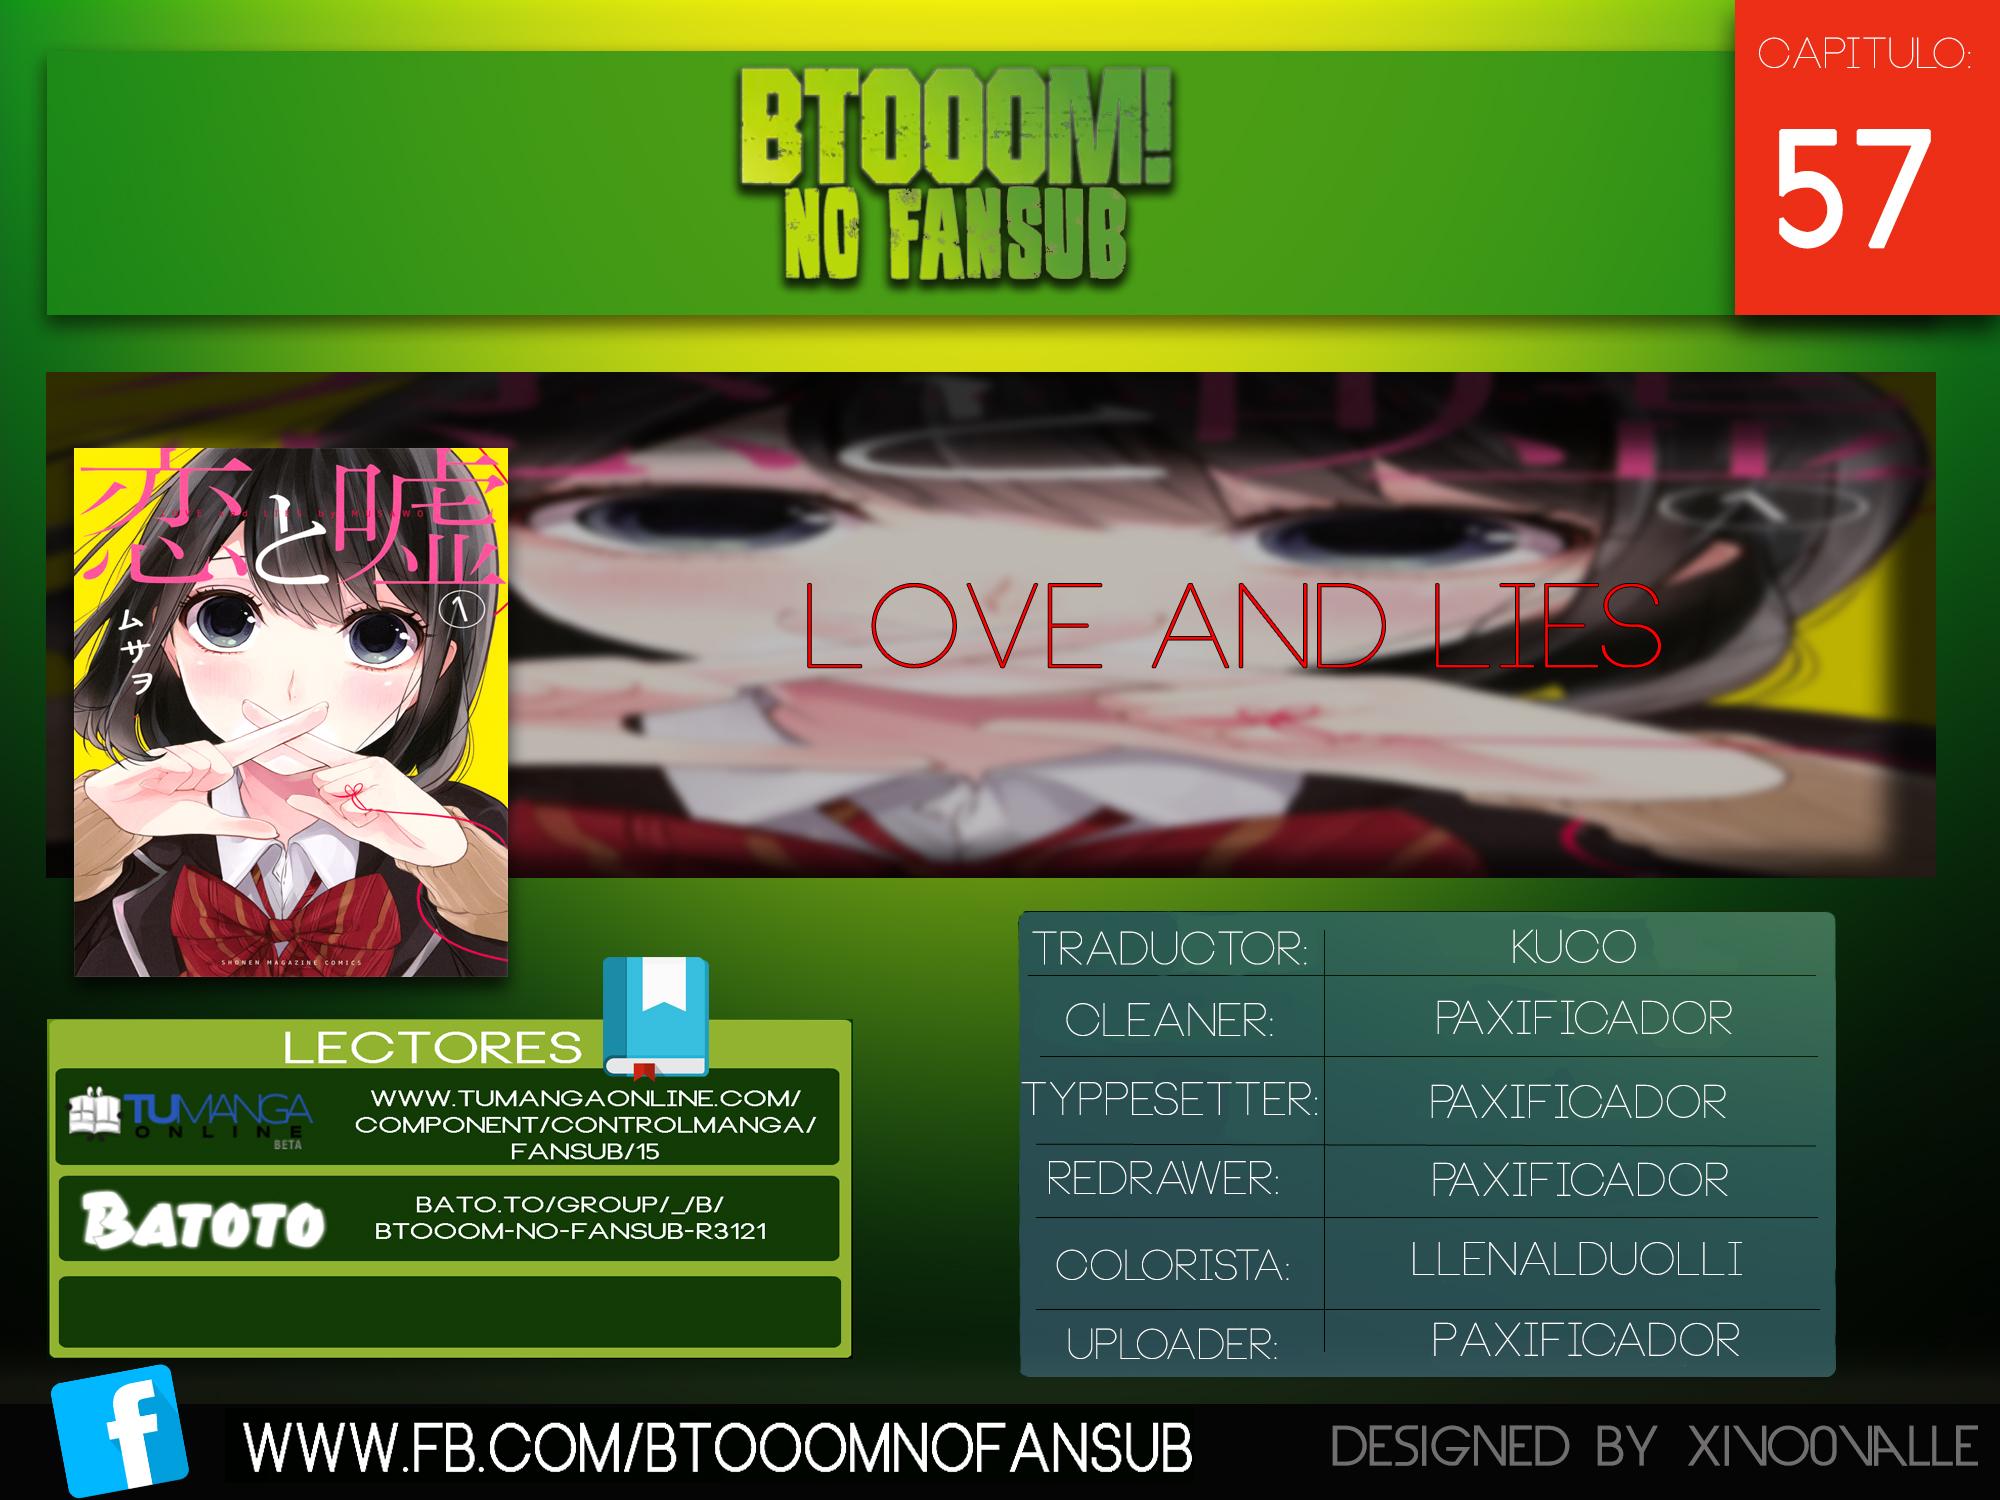 http://c5.ninemanga.com/es_manga/14/14734/420042/5a4d5c7558e7cd39cbfbc37dca6c82bd.jpg Page 1